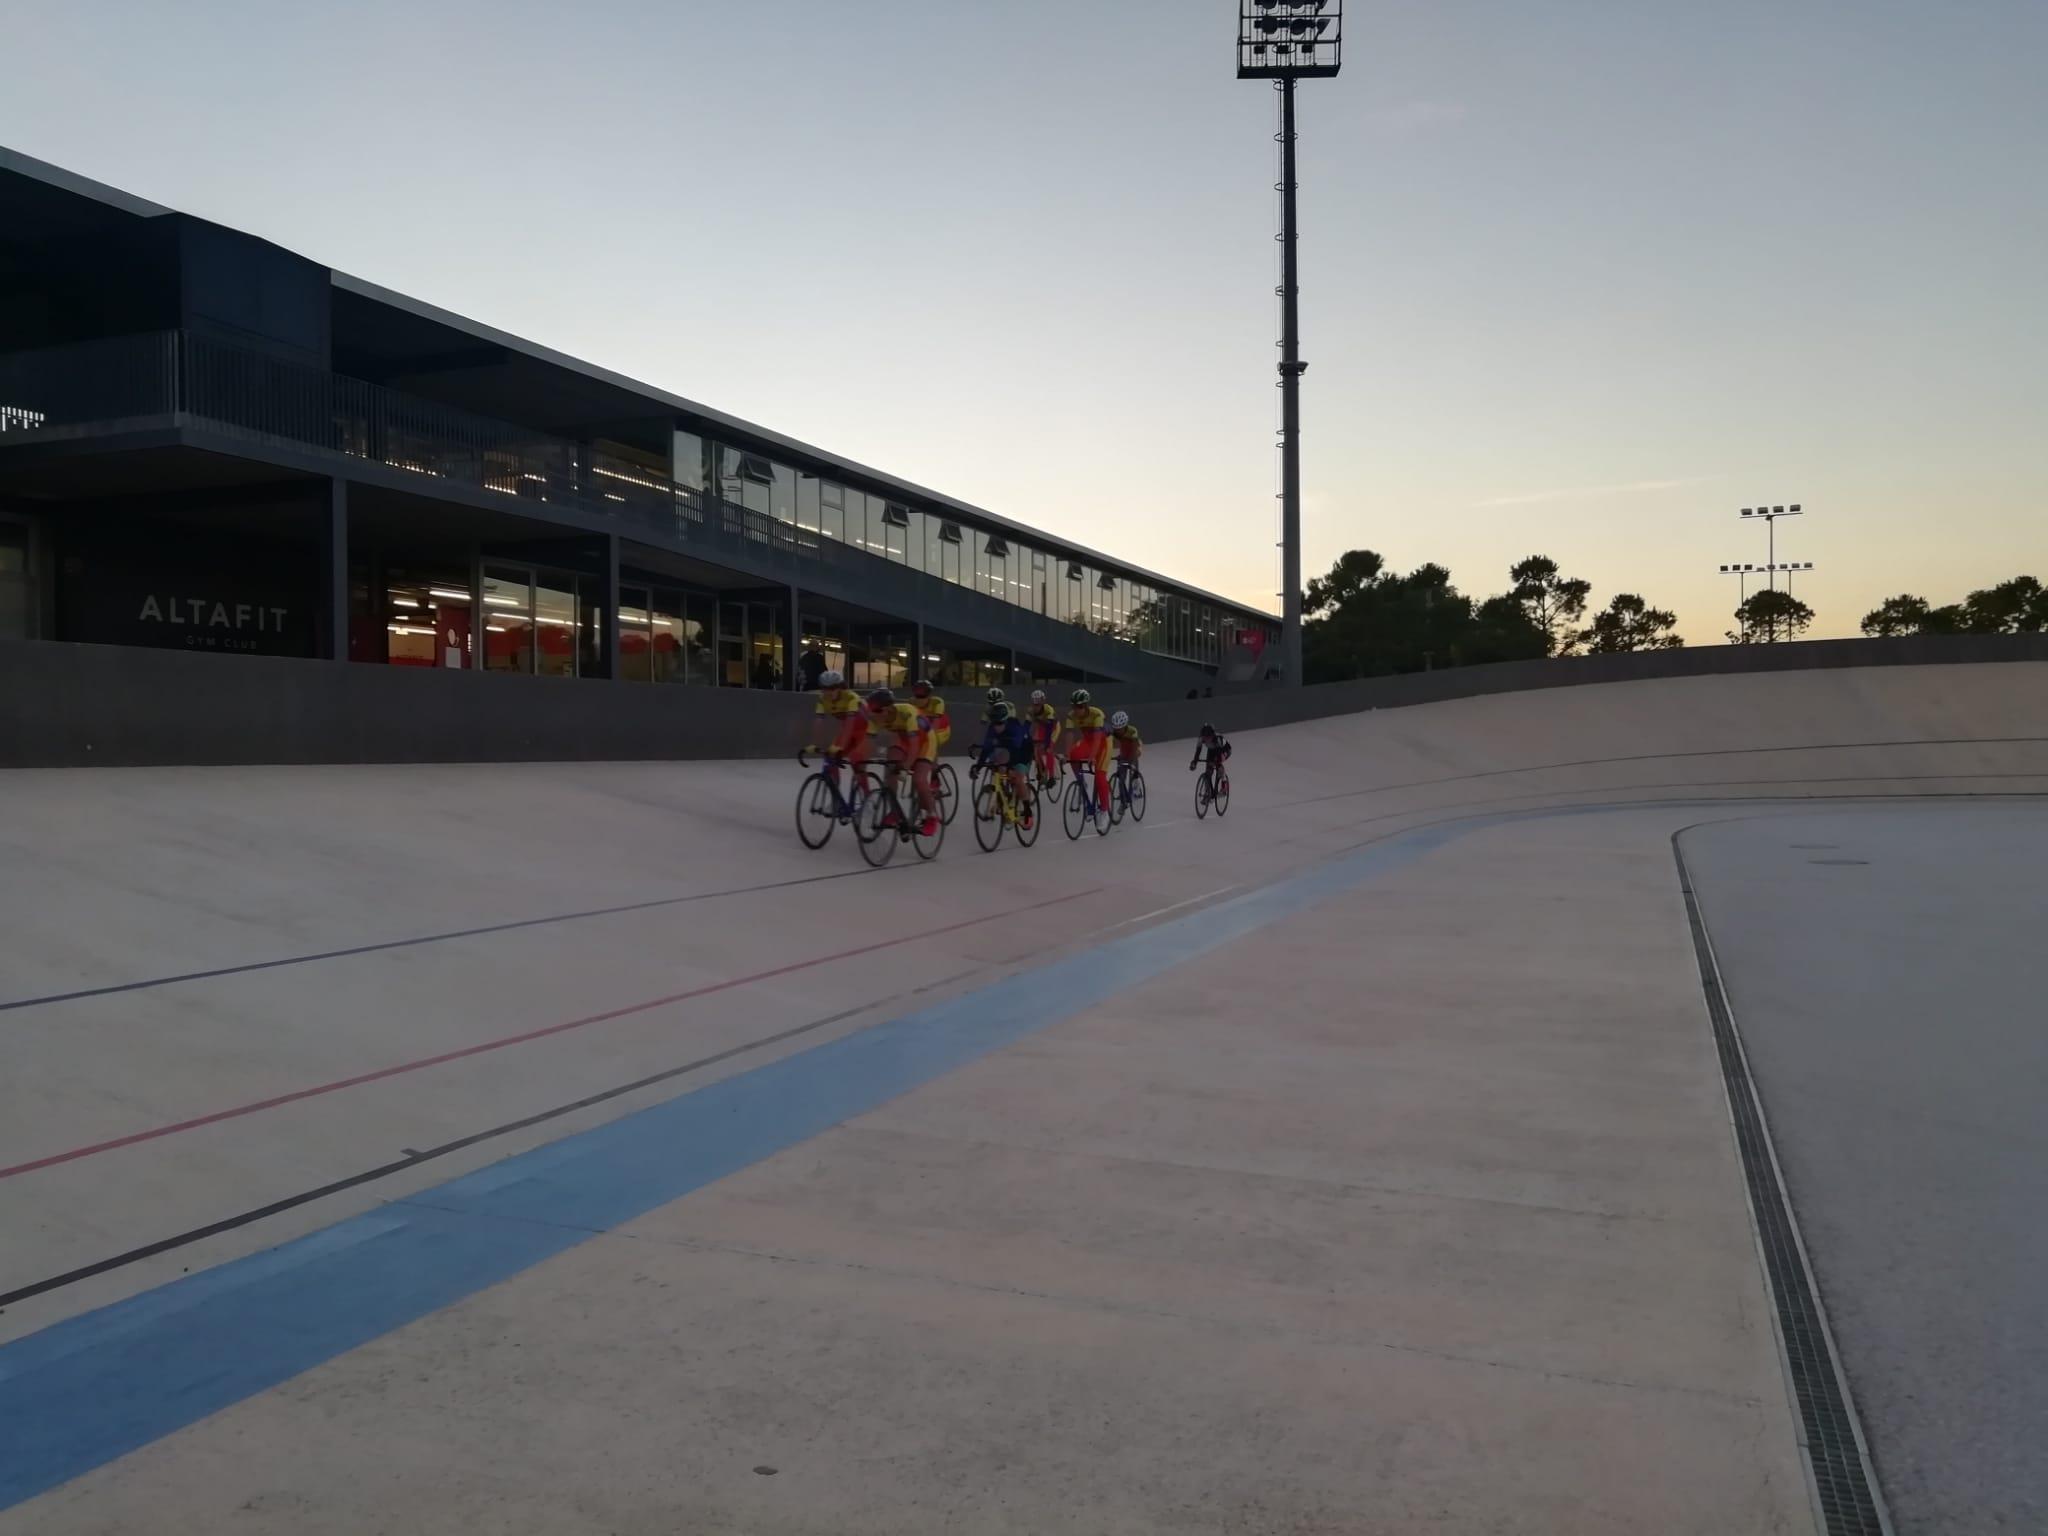 Arrancan los entrenamientos de Pista en el velódromo de San Vicente